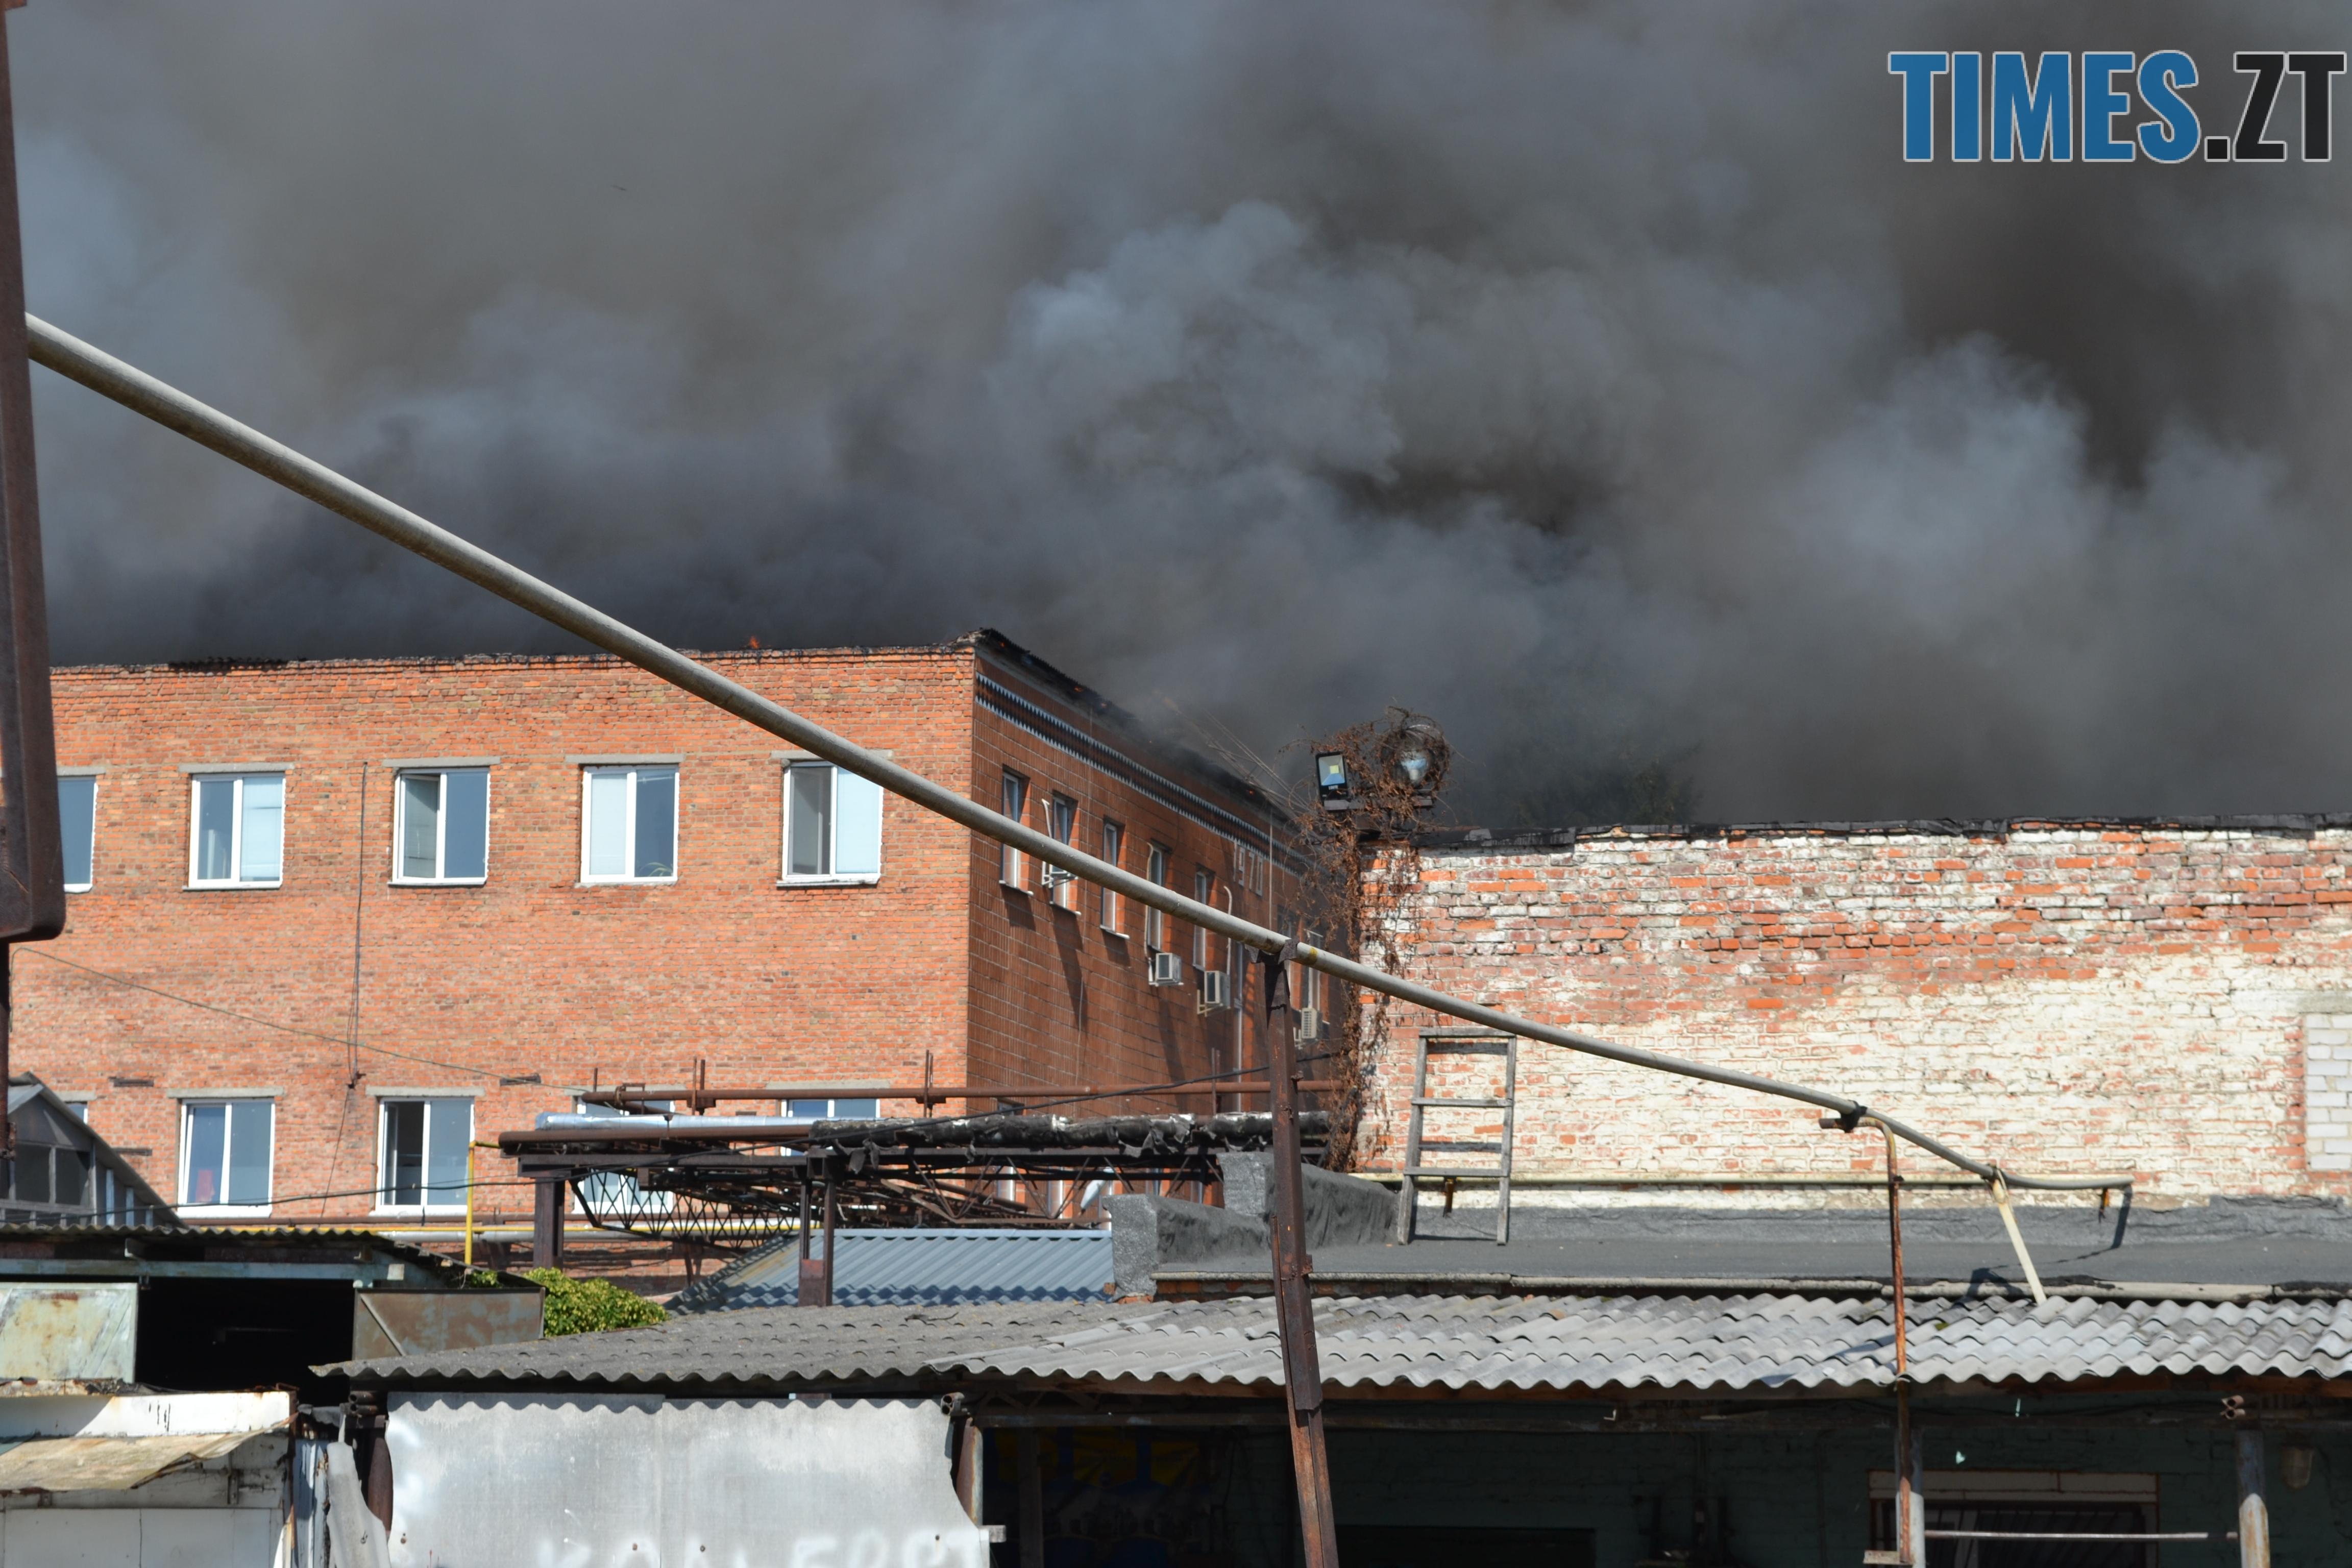 DSC 2917 - Вогонь перекинувся на адмінбудівлю Картонного комбінату: пожежу гасять 11 автомобілів та 63 пожежники (ФОТО, ВІДЕО)